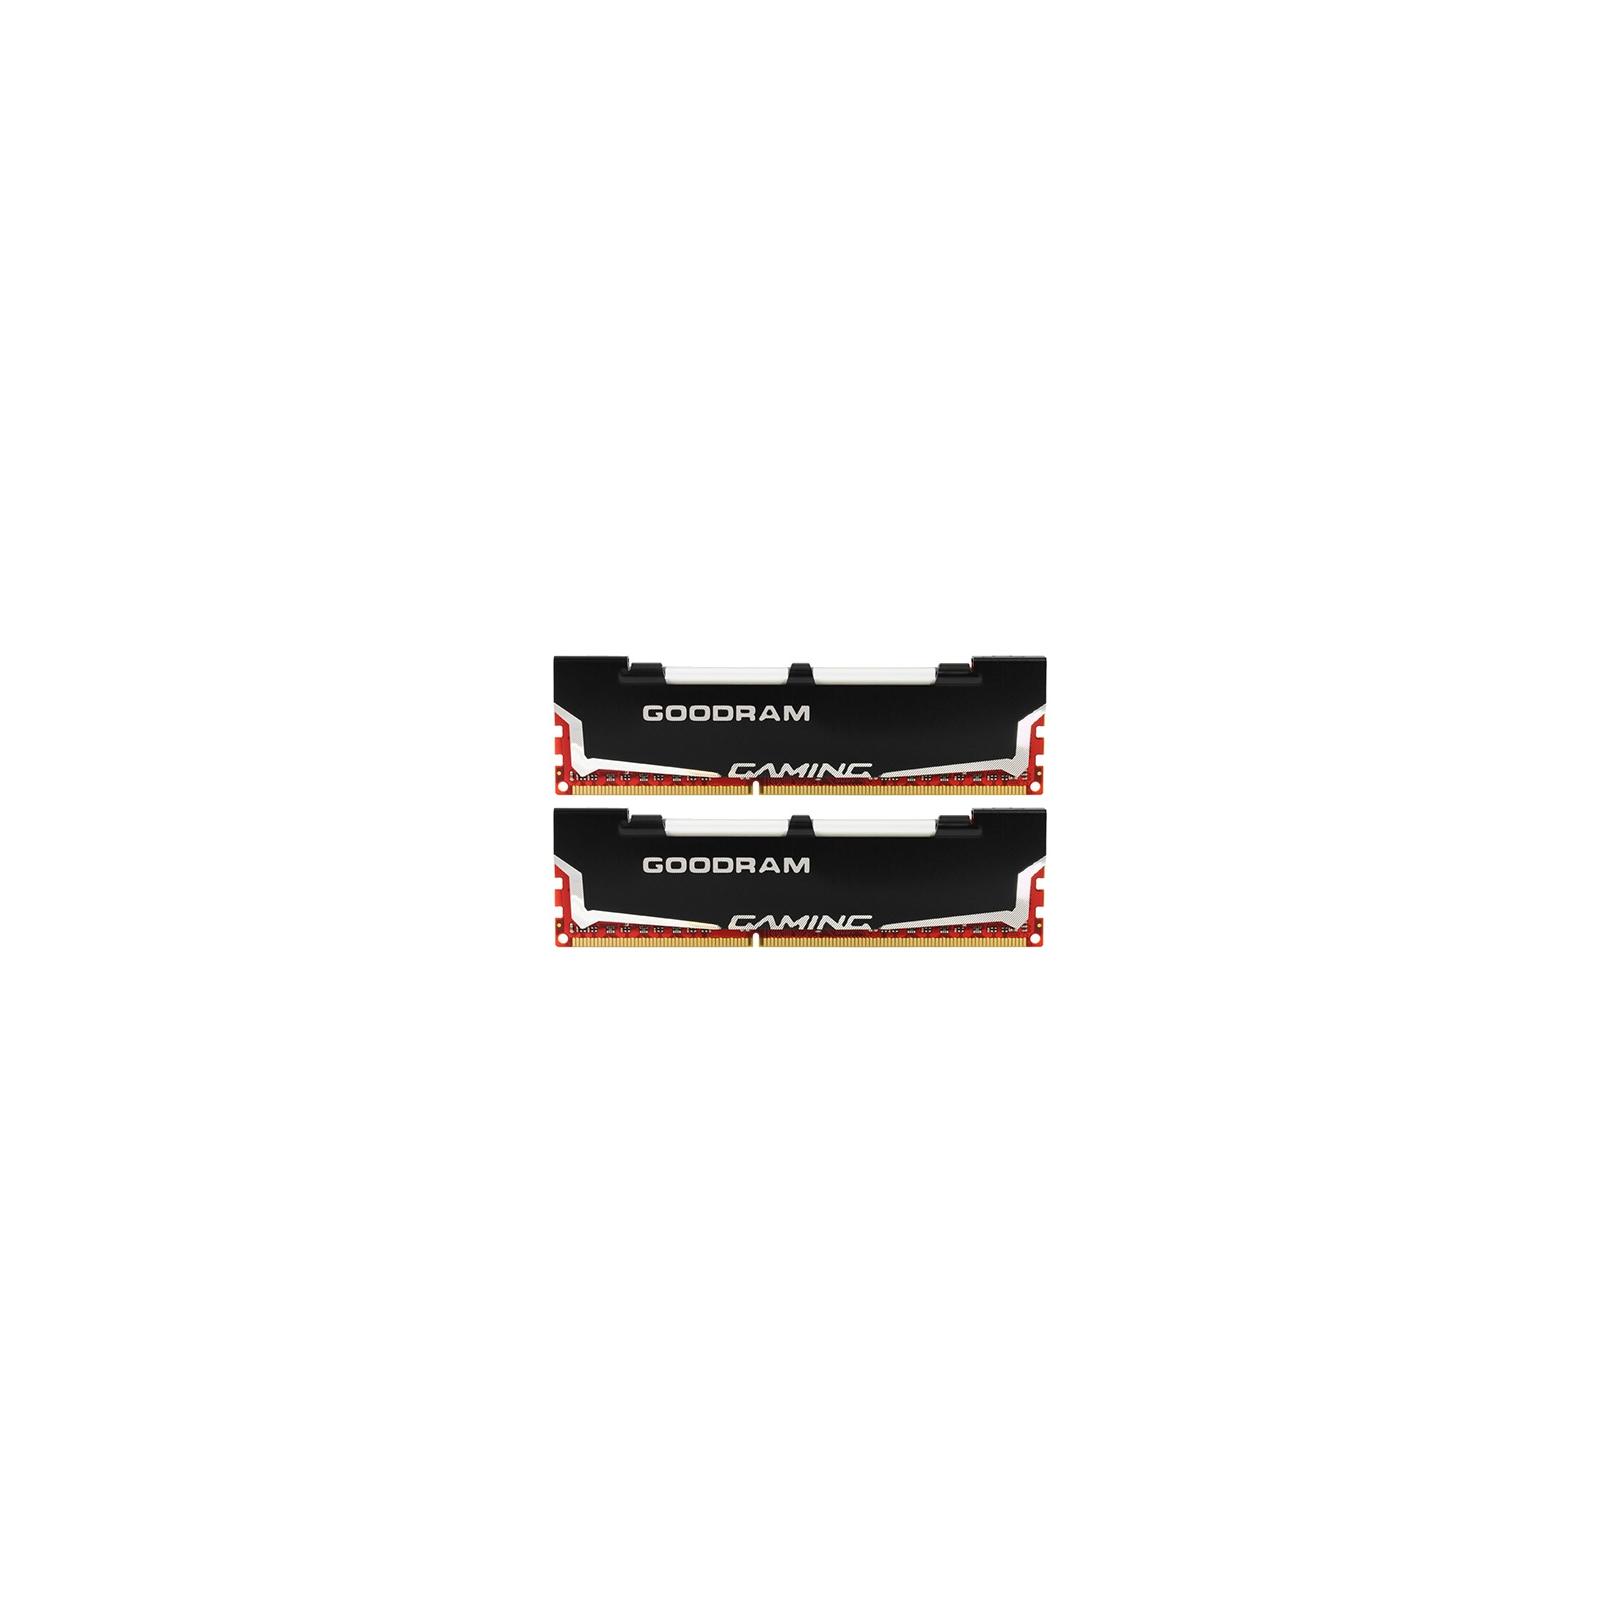 Модуль памяти для компьютера DDR3 8Gb (2x4GB) 2133 MHz Led Gaming GOODRAM (GL2133D364L10A/8GDC)